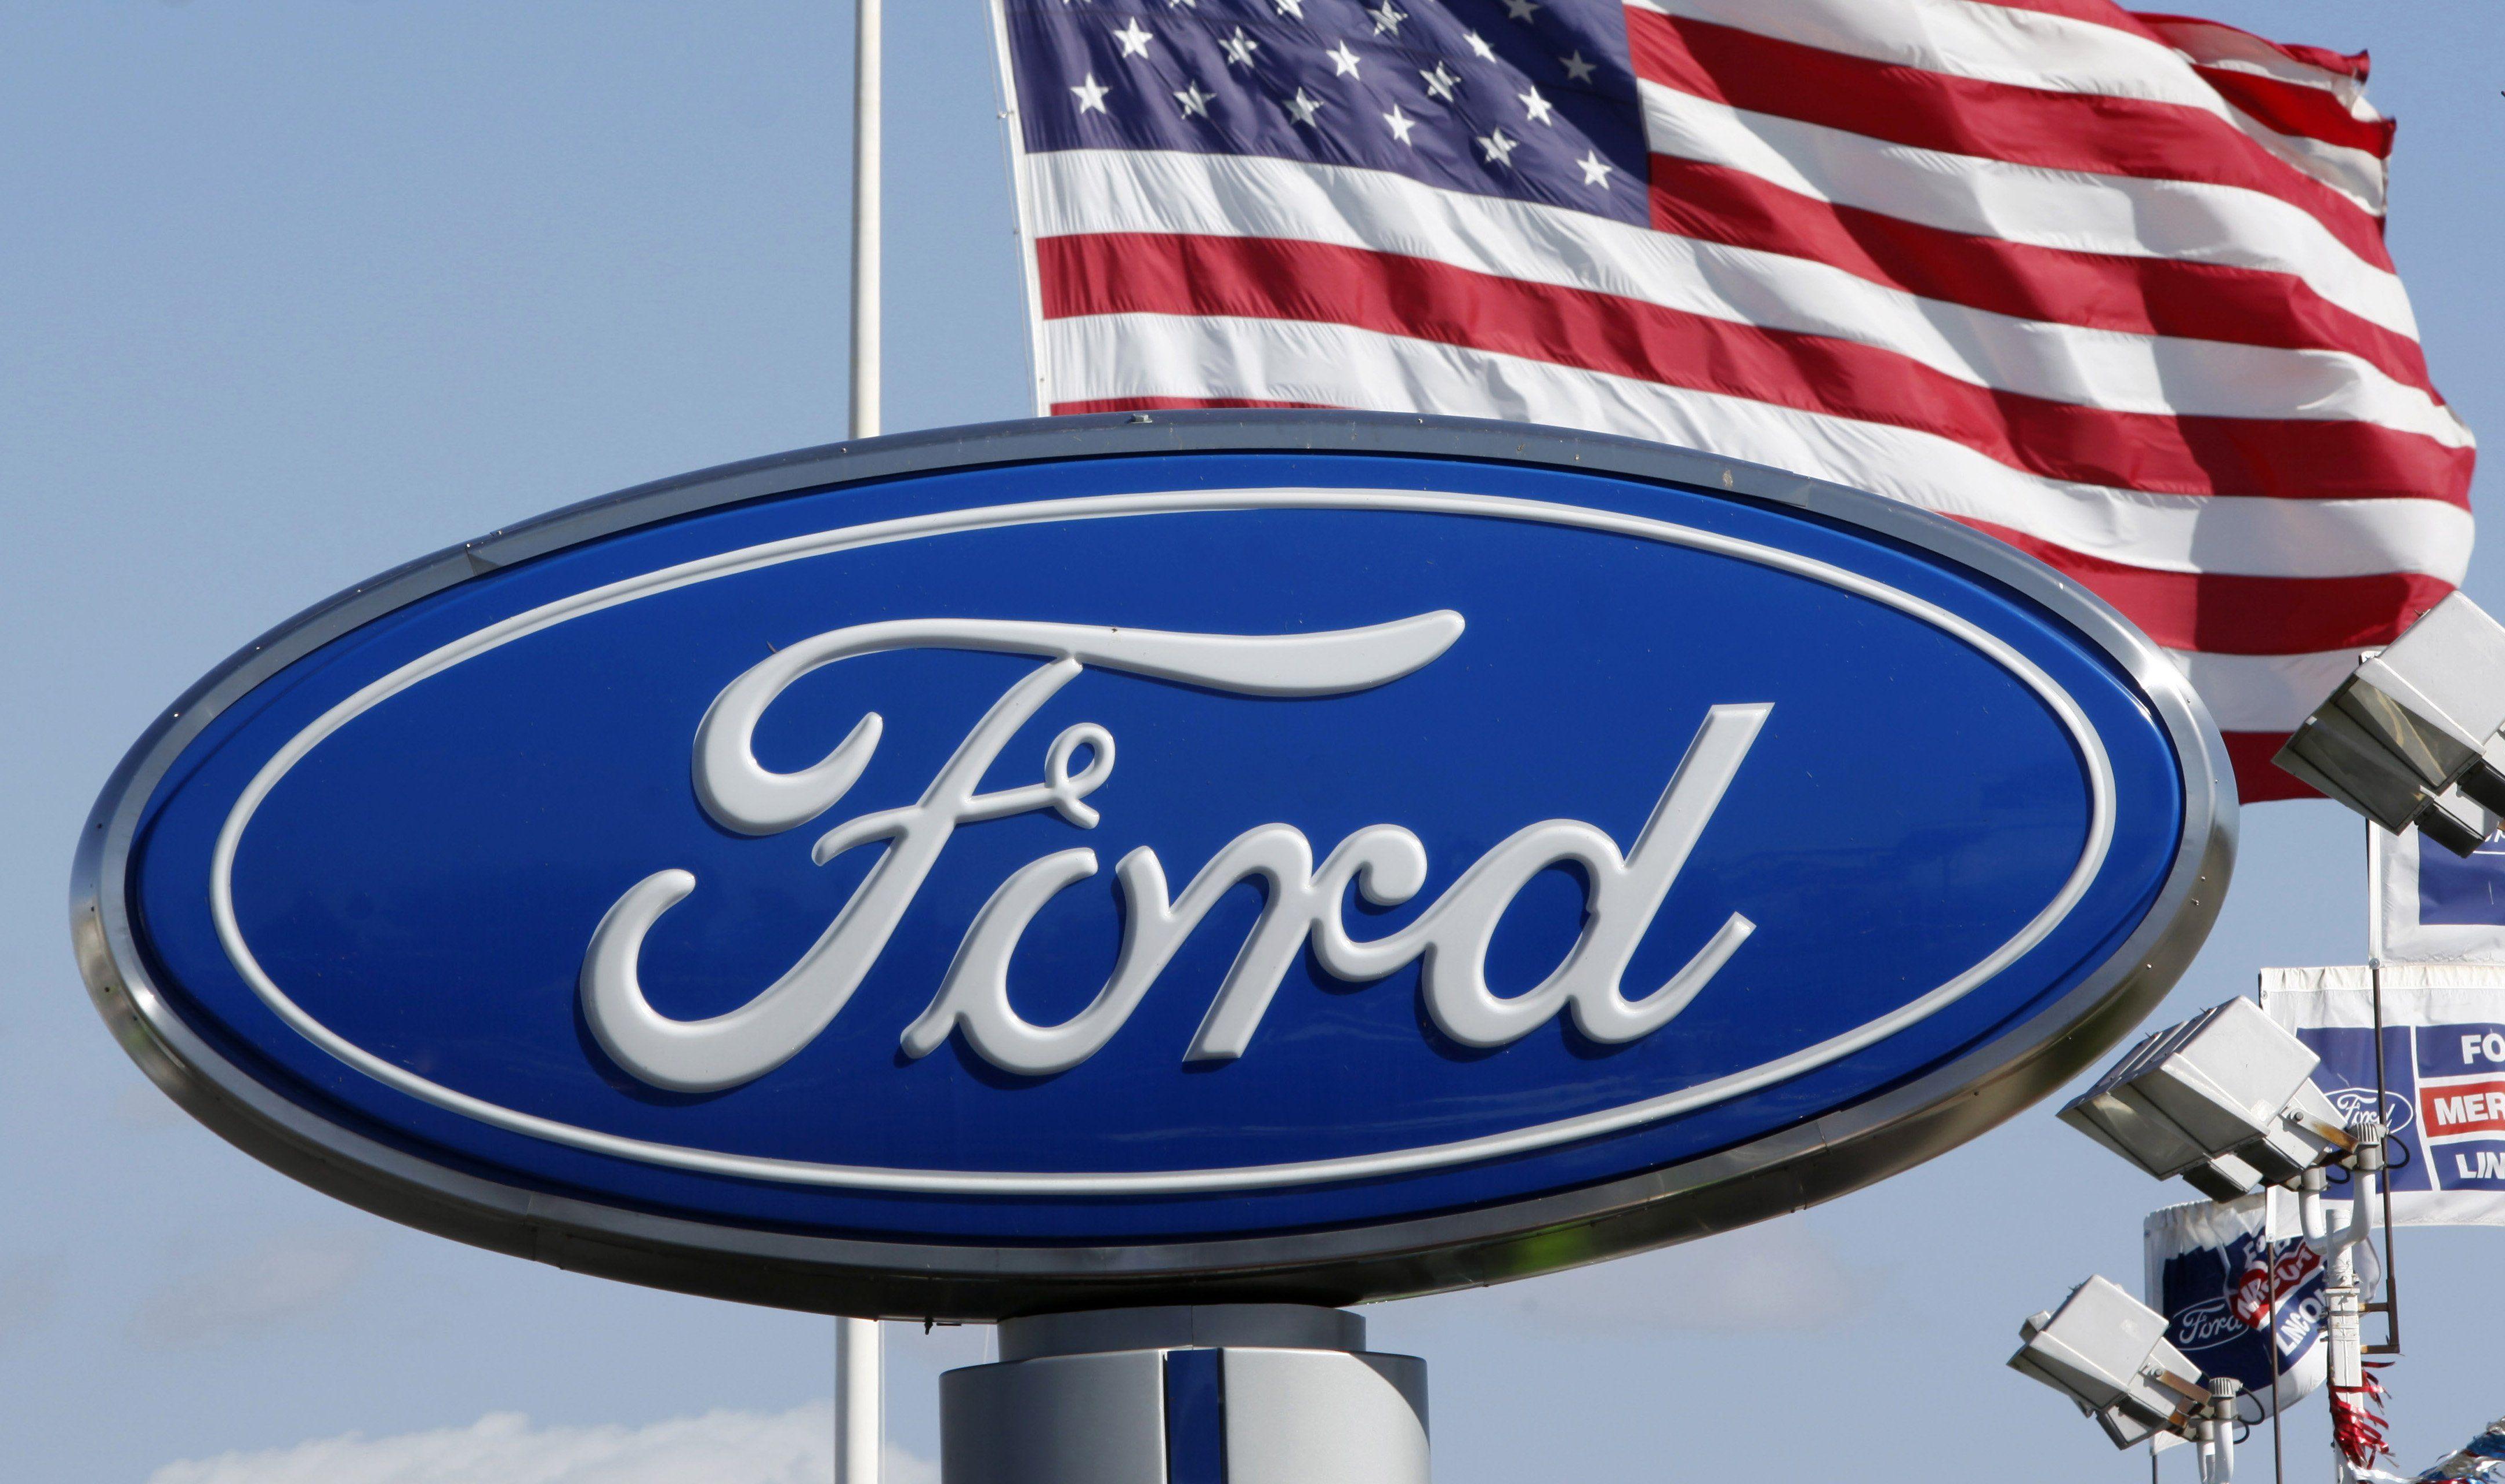 Ford Motor Co  faces criminal investigation over emissions